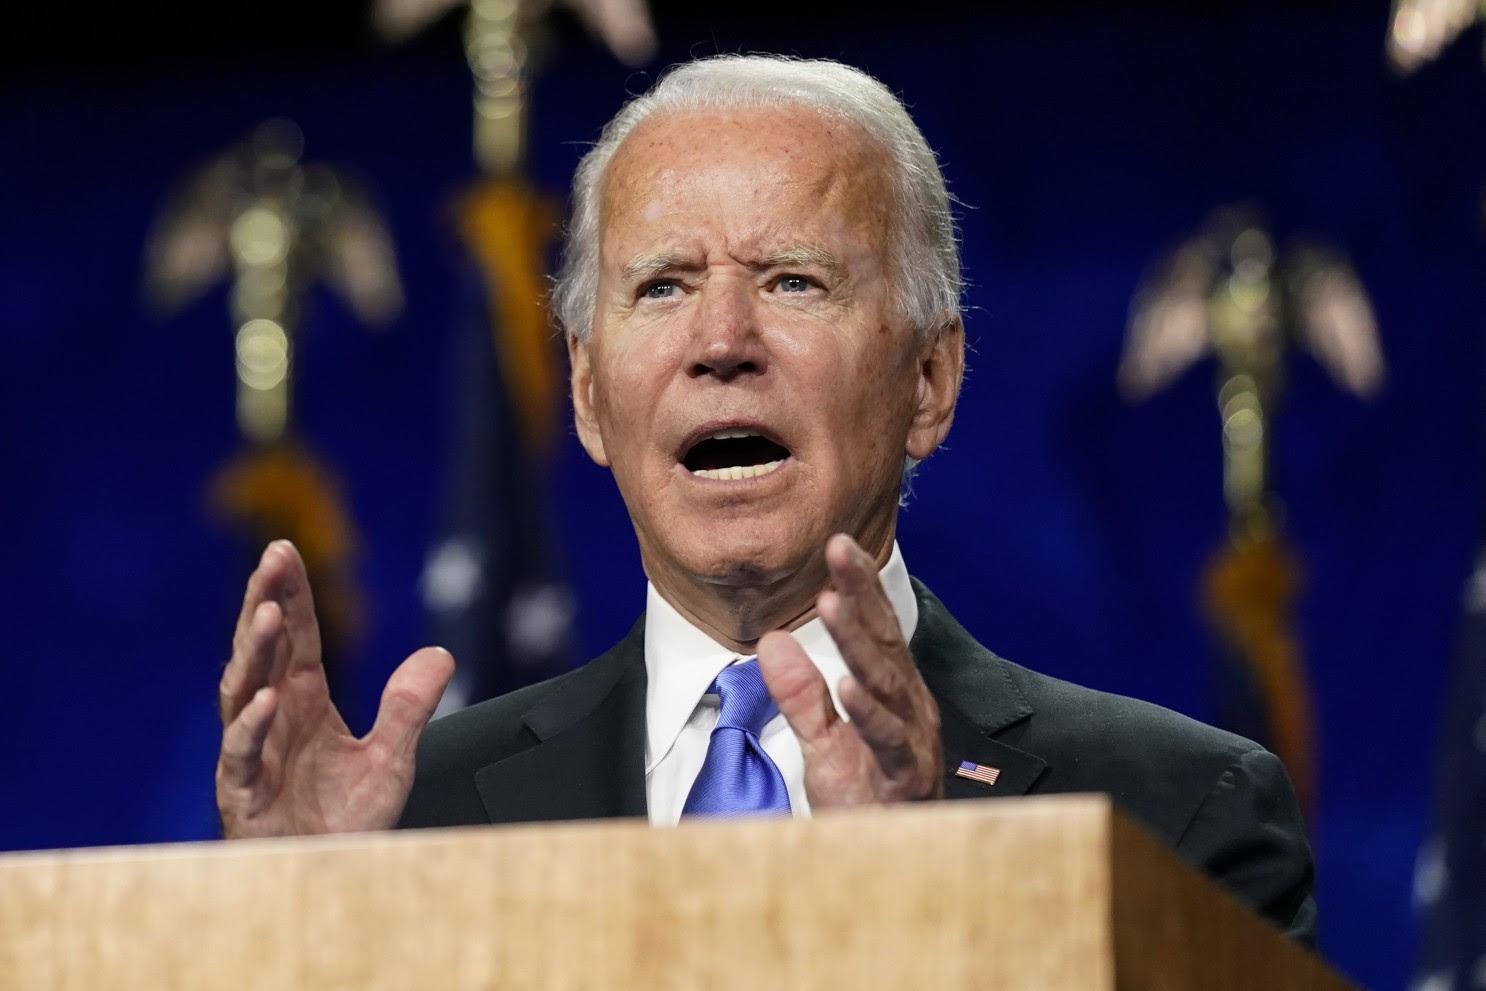 Biden looking sad